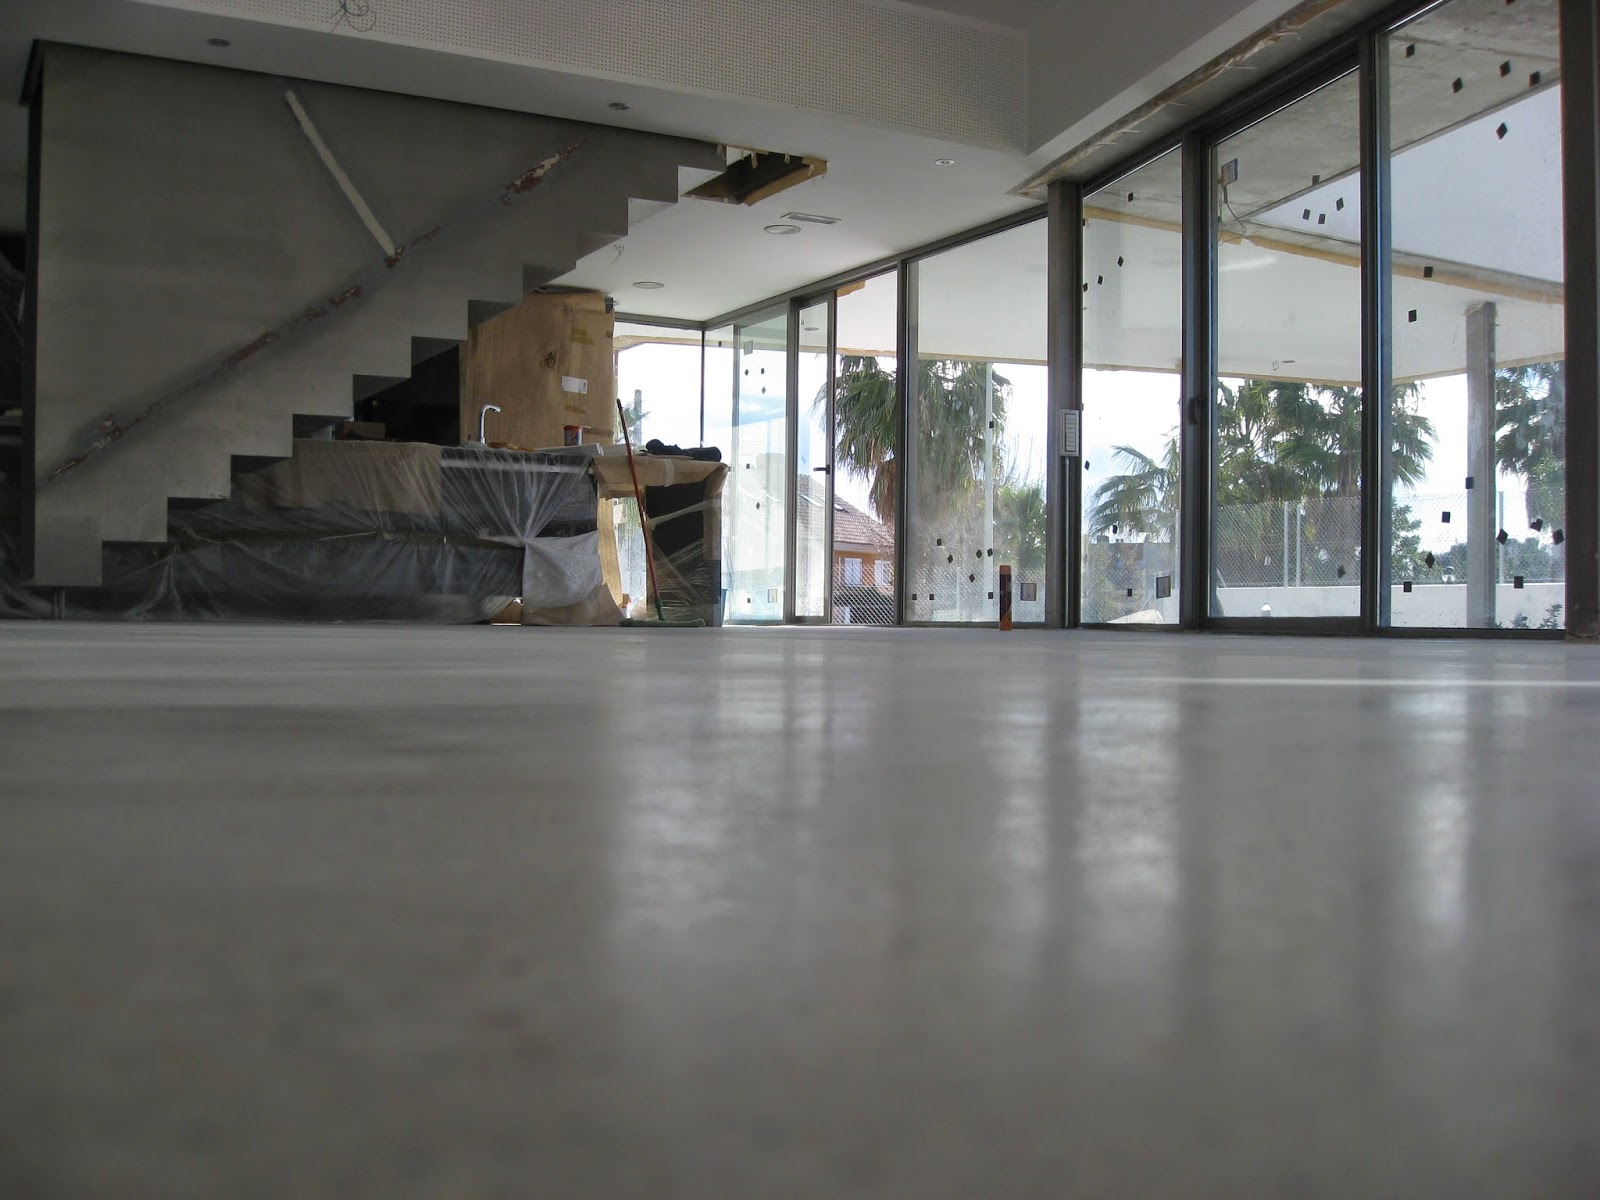 Pulido y cristalizado de suelos javier ballesteros - Hormigon pulido para interiores ...